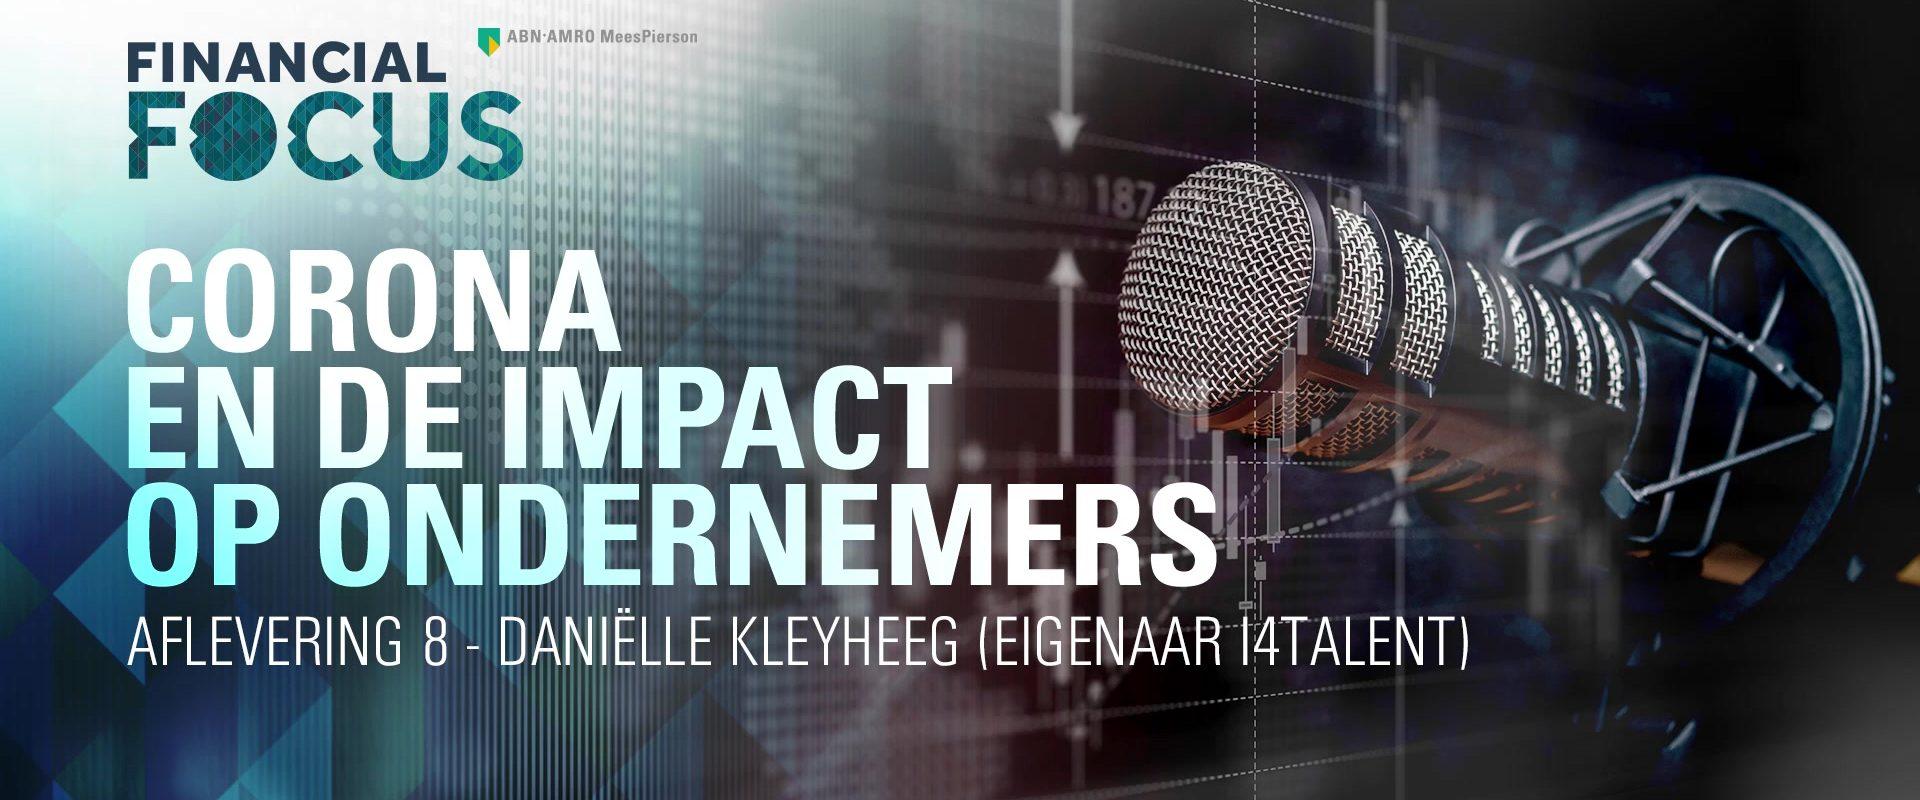 Bron: https://financialfocus.abnamro.nl/actueel/corona-en-de-impact-op-ondernemers-met-danielle-kleyheeg-eigenaar-i4talent/